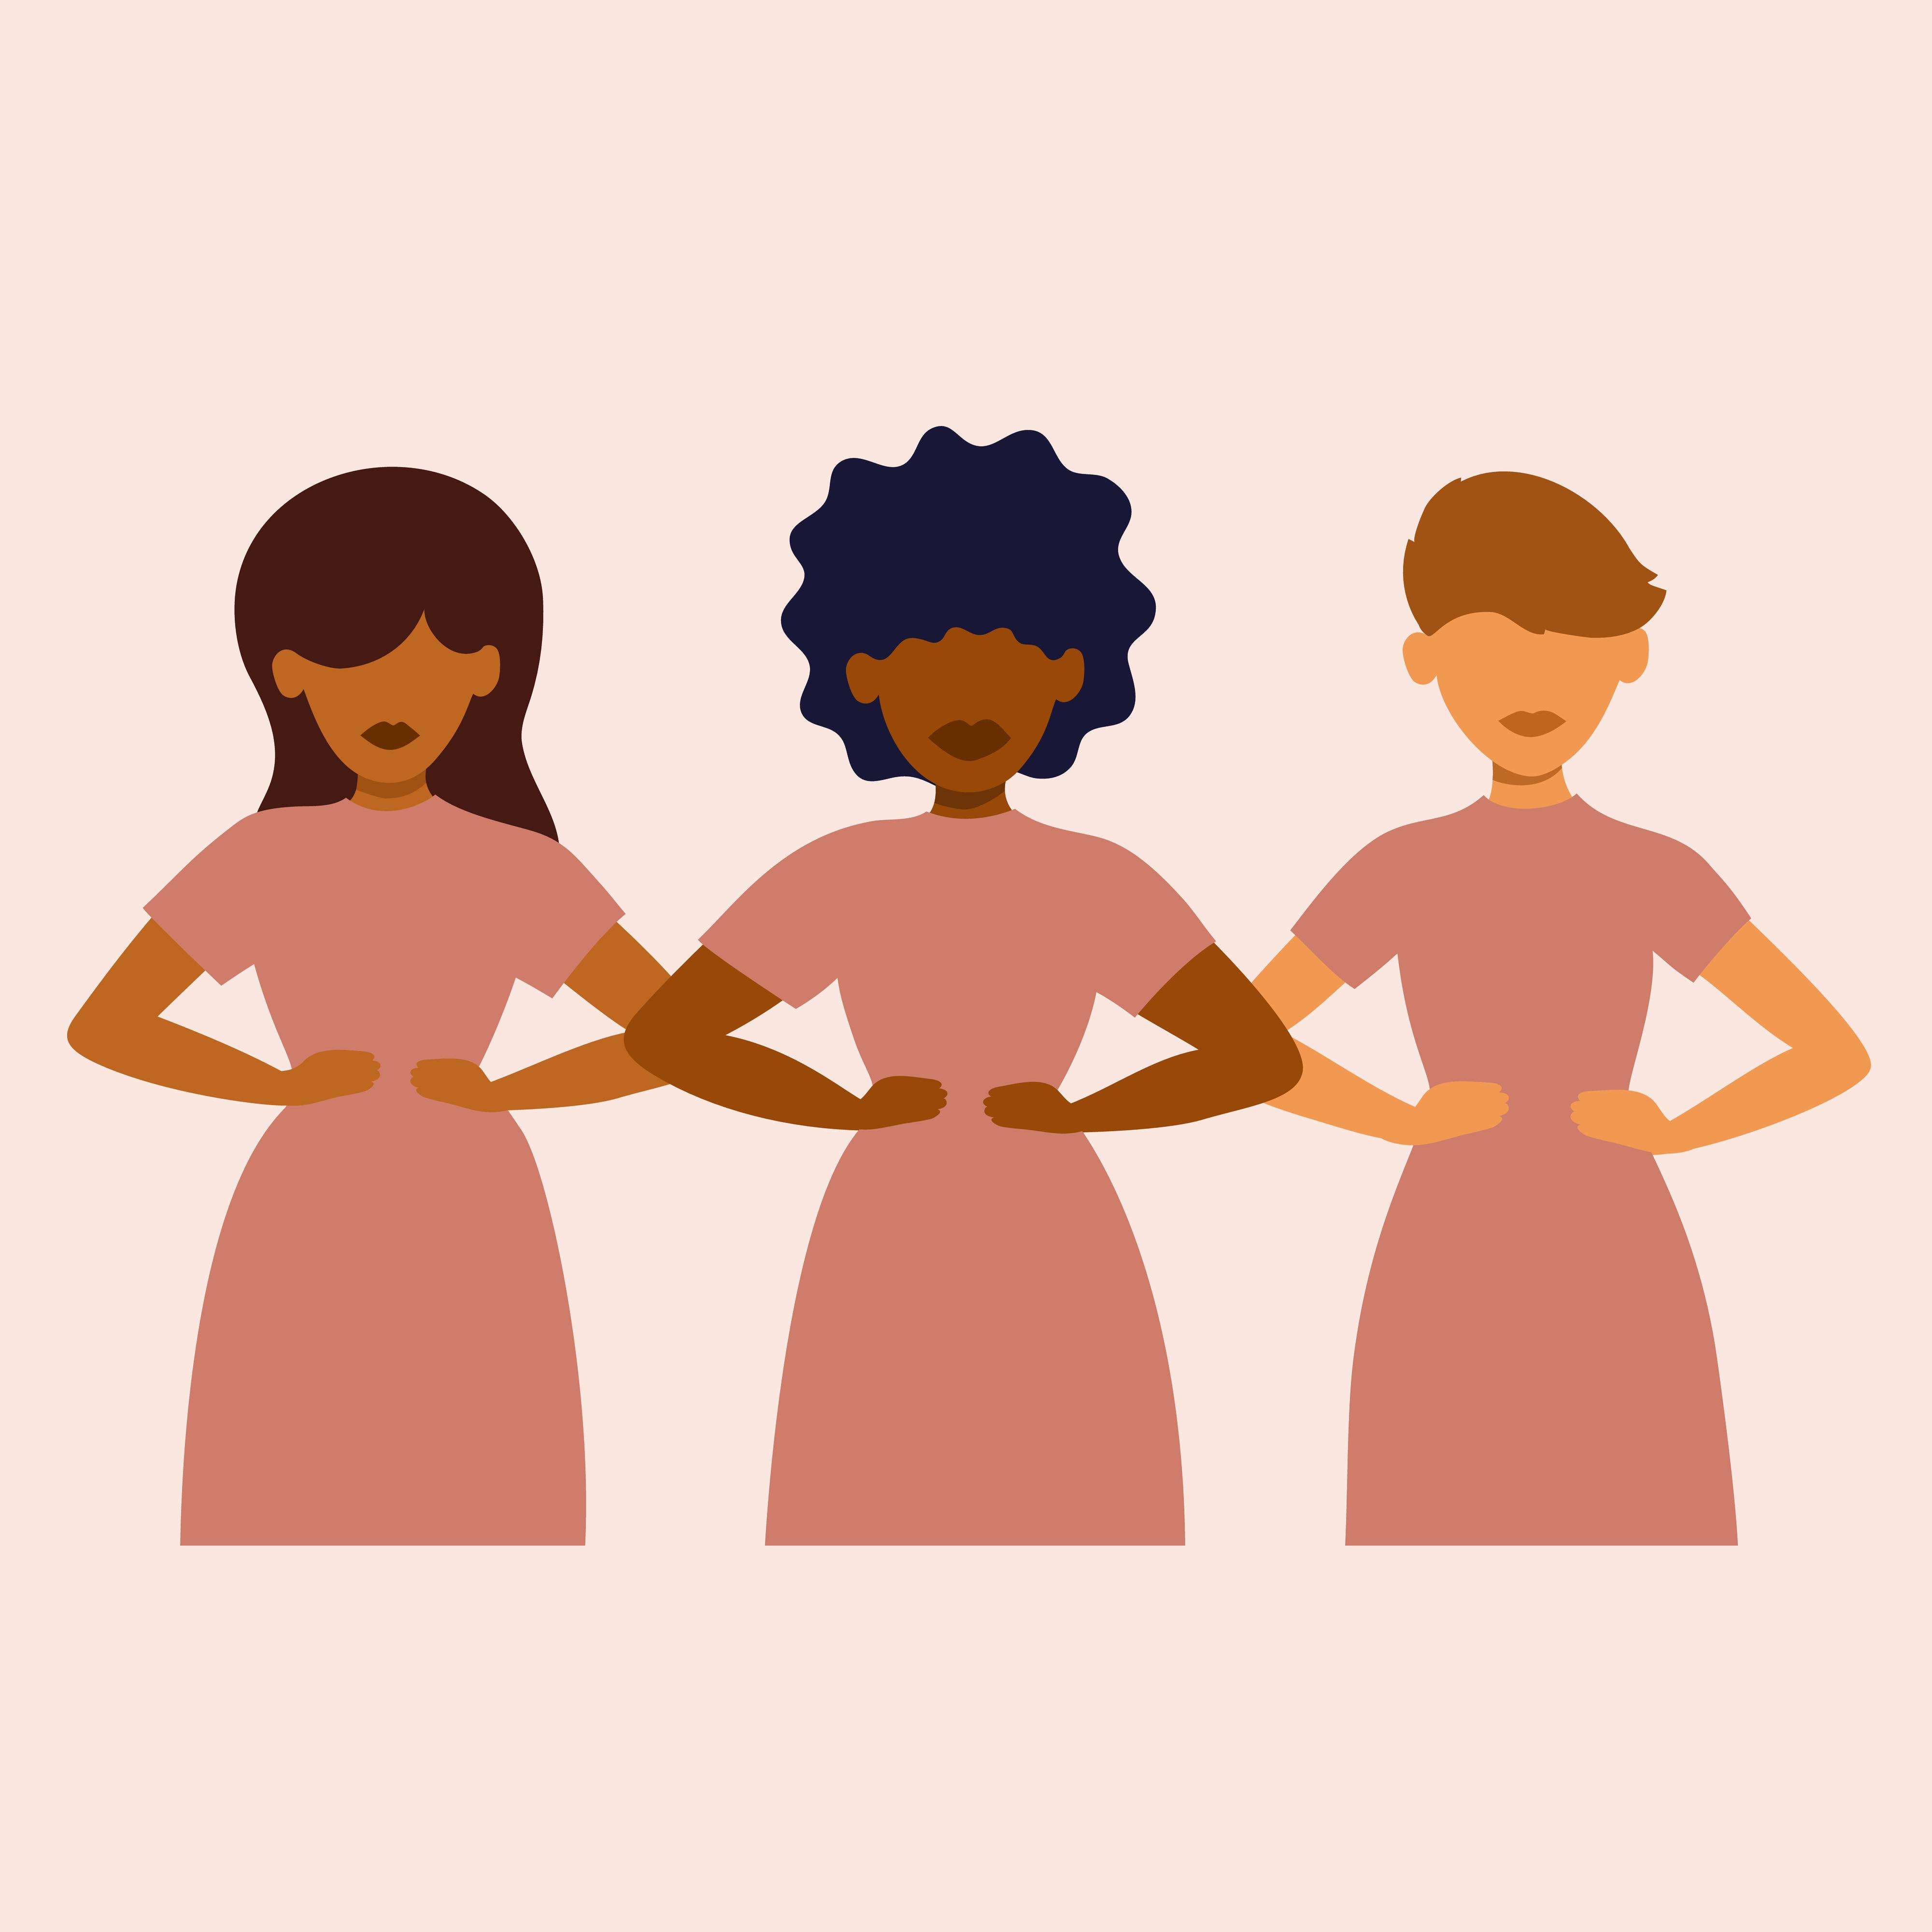 בוגרות אוניברסיטת תל אביב כובשות את רשימת ה-Power Women 2020 של פורבס